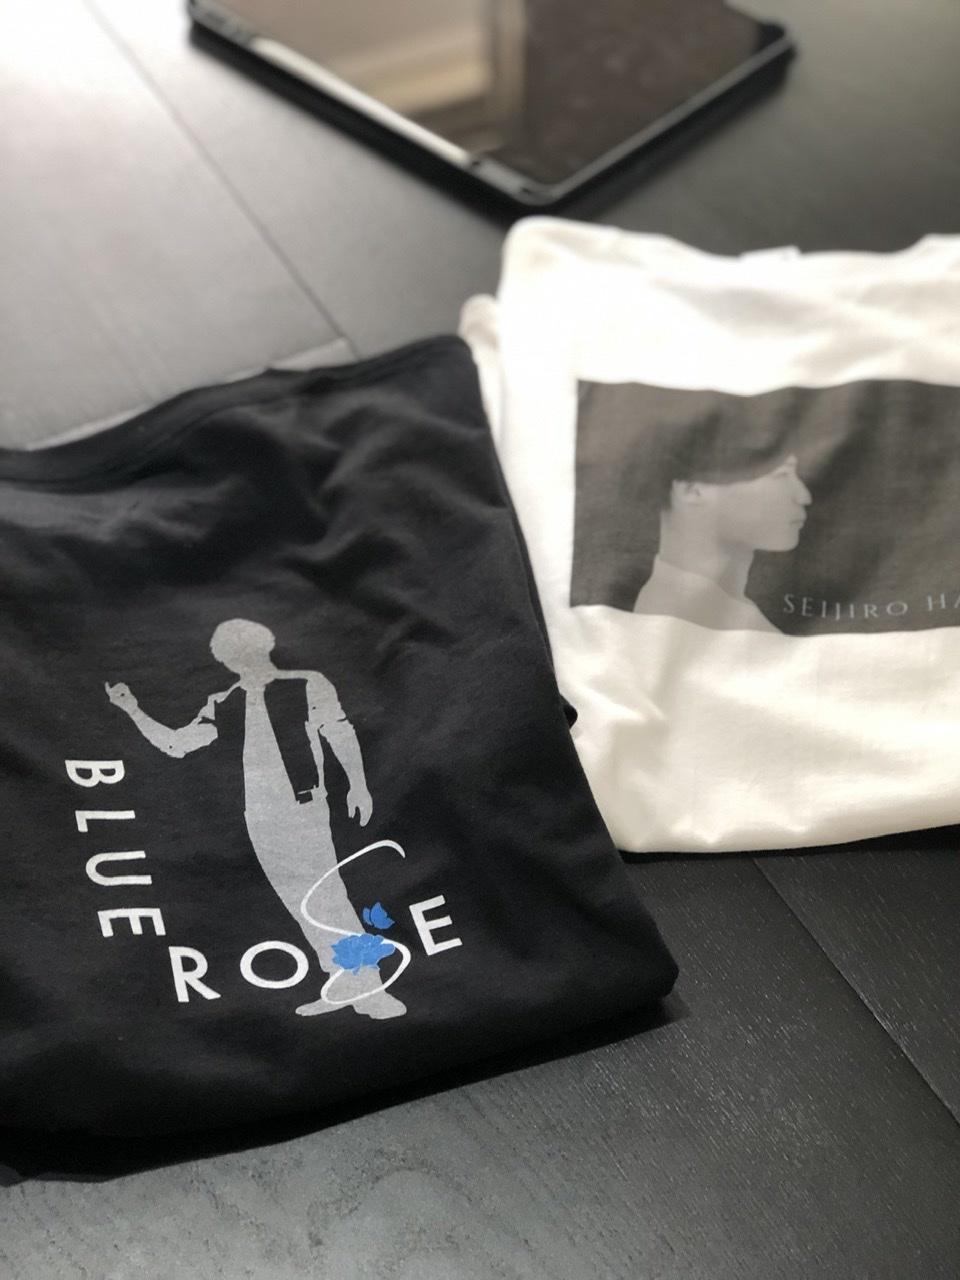 Seijiroオフィシャルファンクラブ「BLUE ROSE」オープン記念マグカップ製作中_a0157409_14020852.jpeg